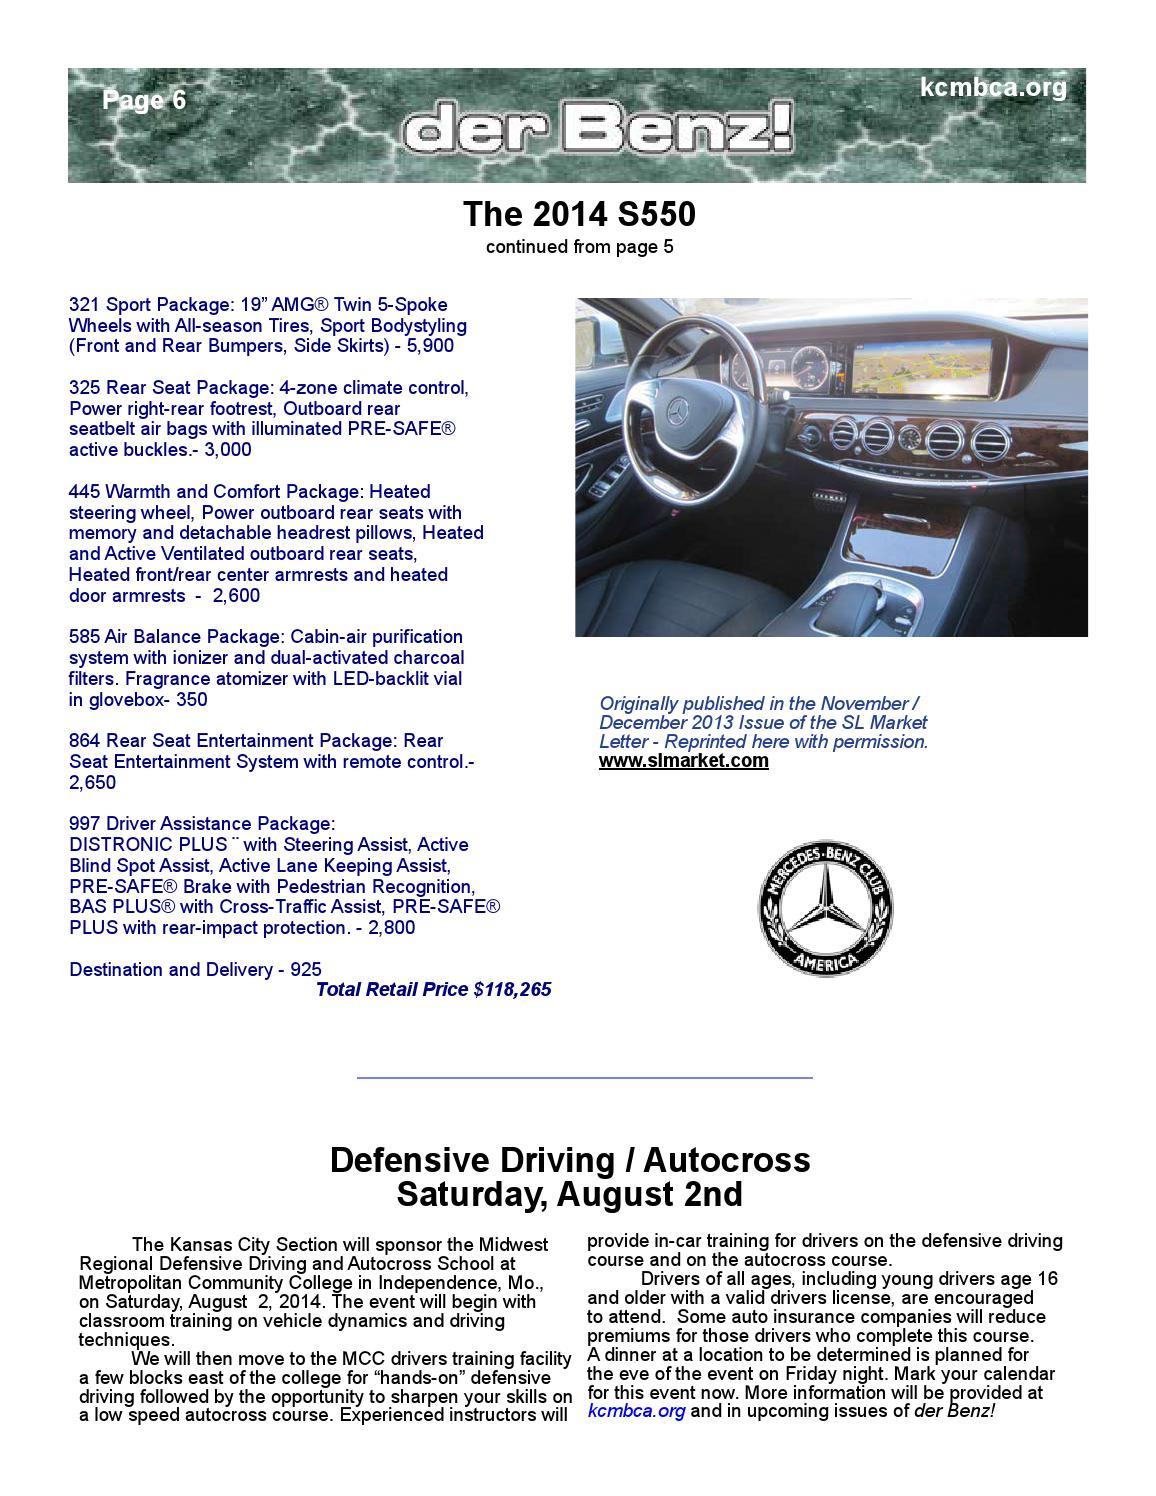 MBCA KC - der Benz Newsletter June/July 2014 by John Ryan - issuu